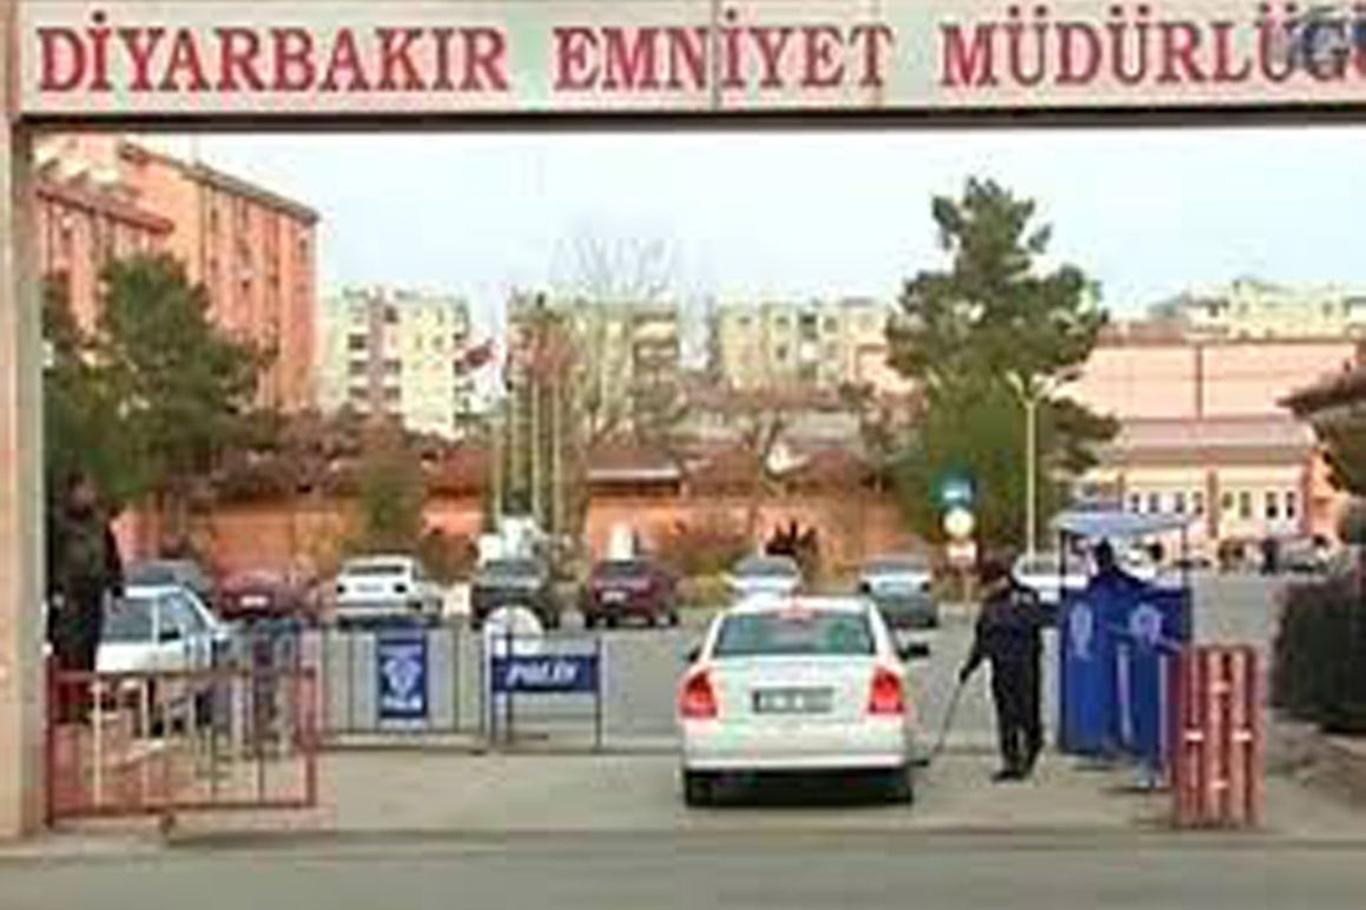 Konuya ilişkin Diyarbakır İl Emniyet Müdürlüğünden yapılan yazılı açıklamada, bazı sosyal medya hesaplarında Sur İlçesi Çarşı Polis Merkezi Amirliğinde iki esnafın darp edildiği şeklinde iddiaların yer aldığı belirtildi.